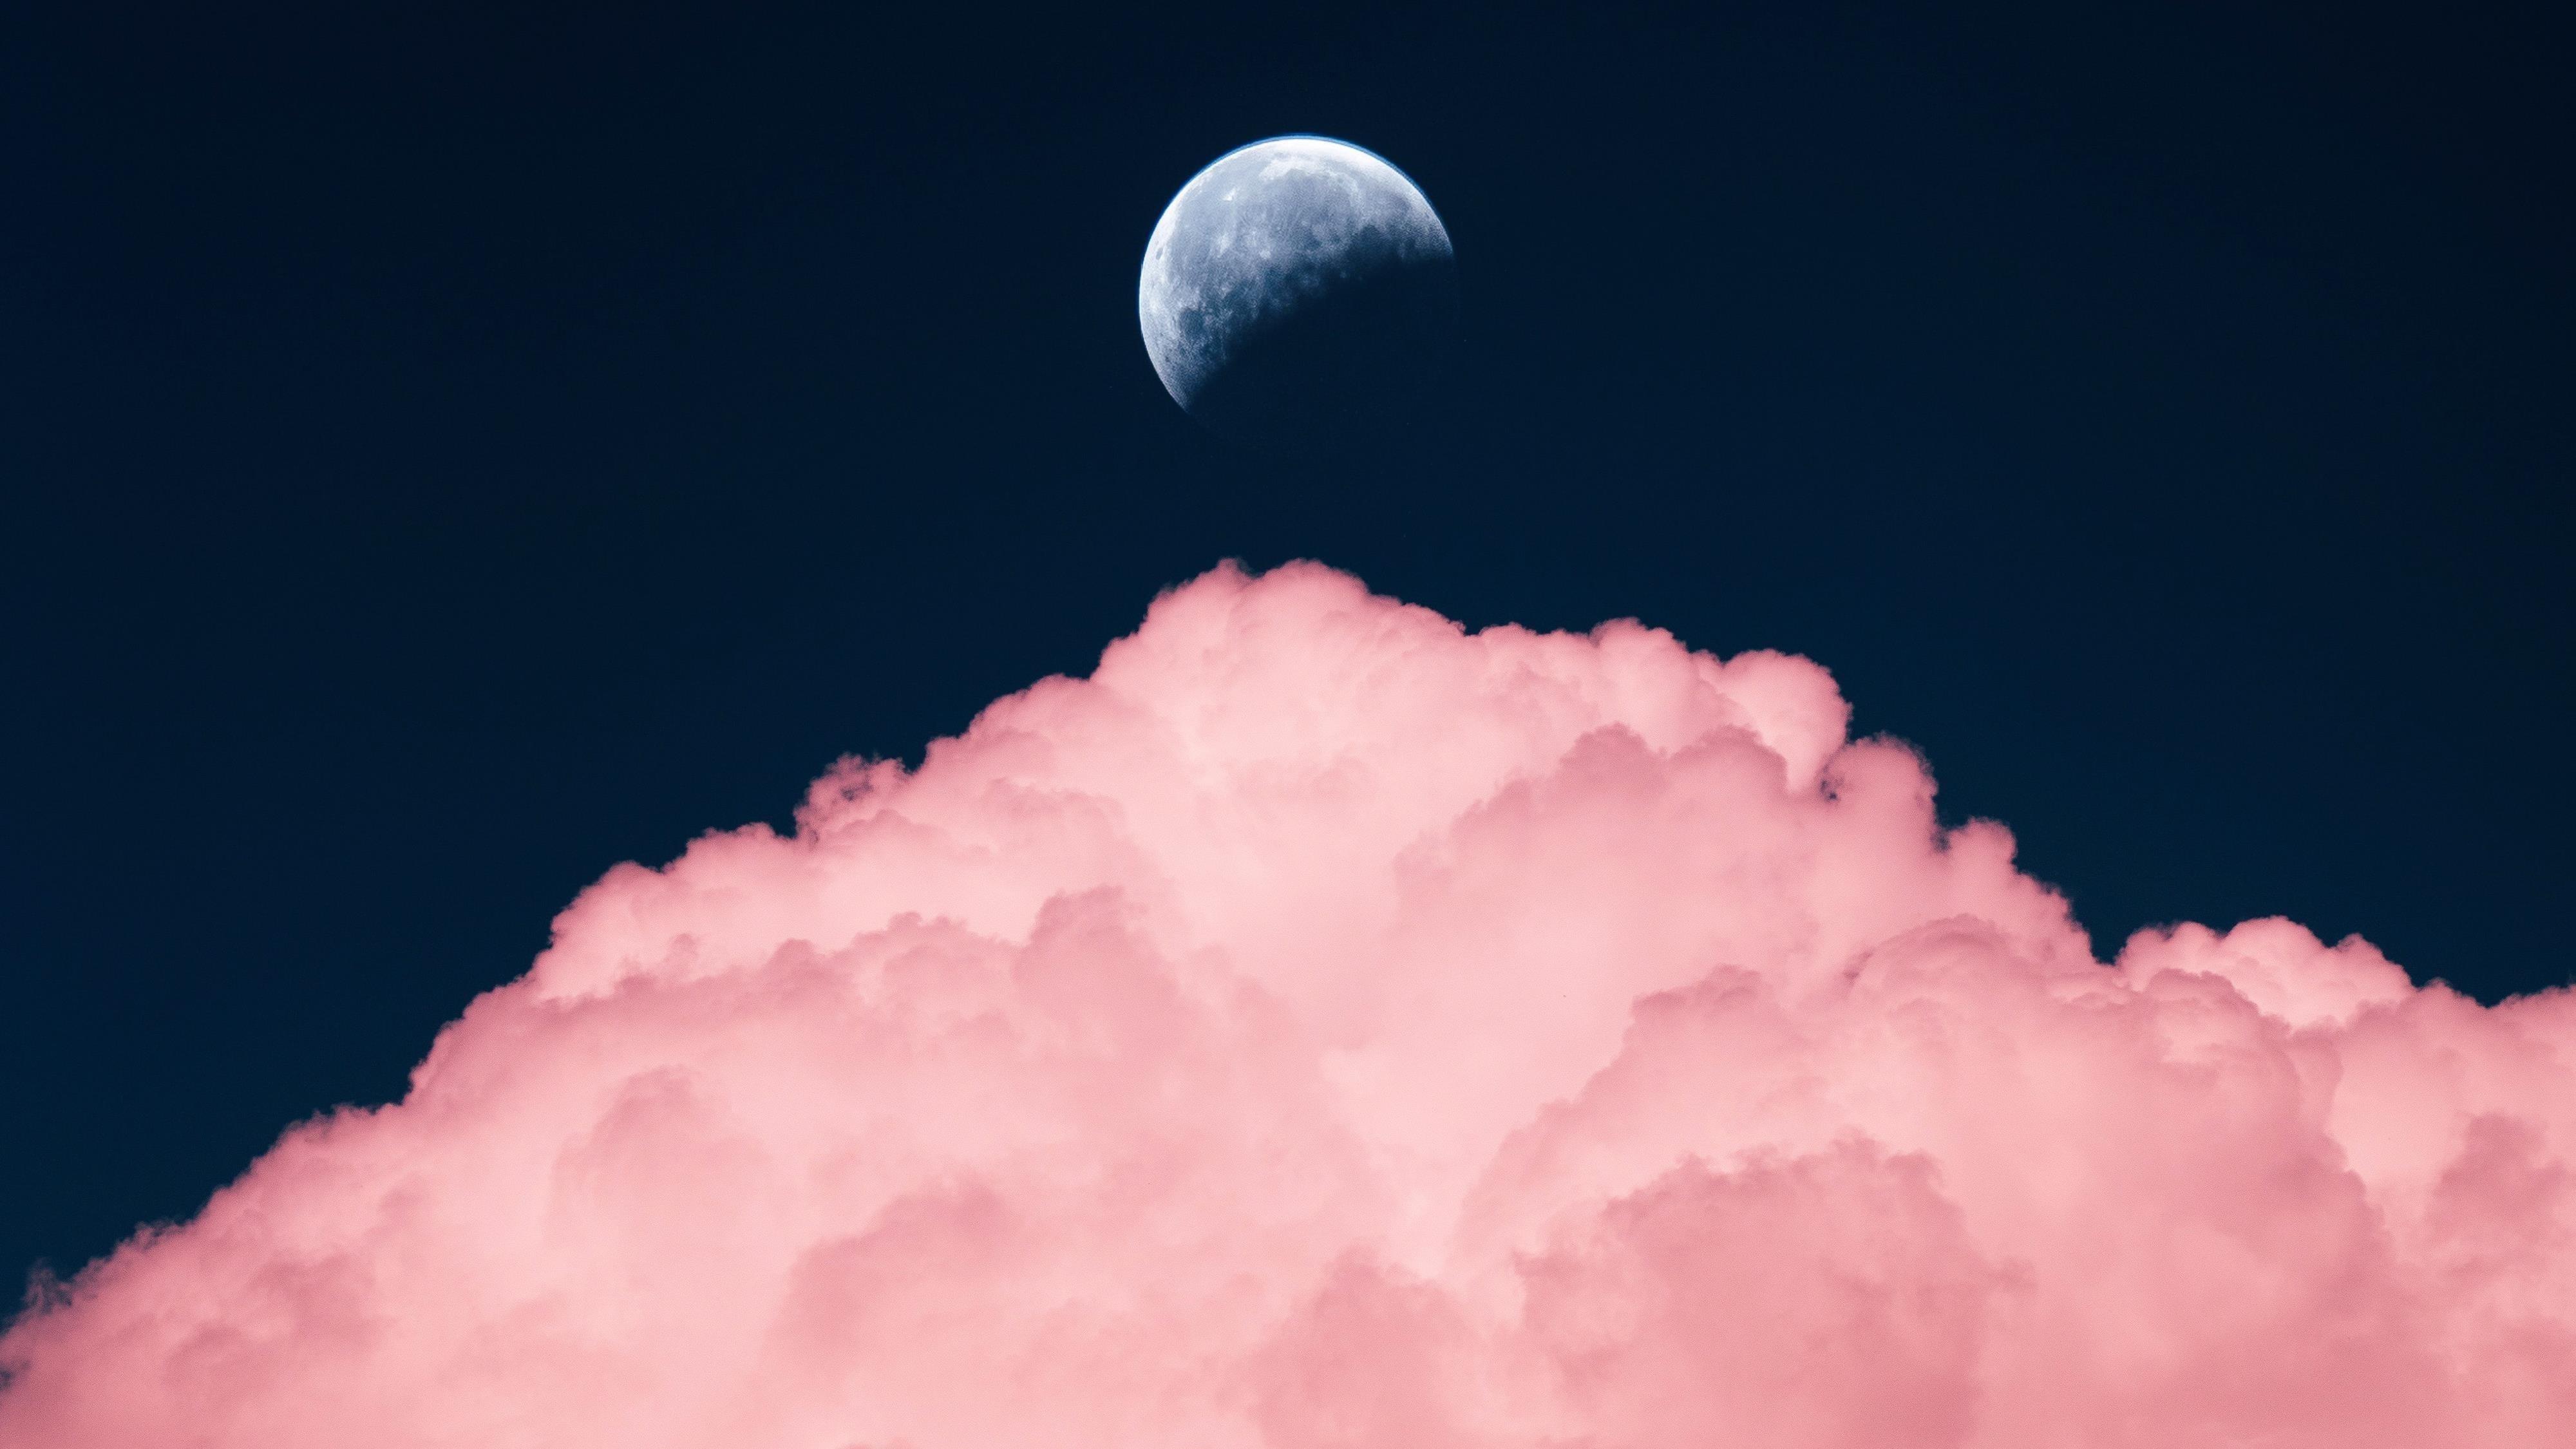 Луна над облаками обои скачать